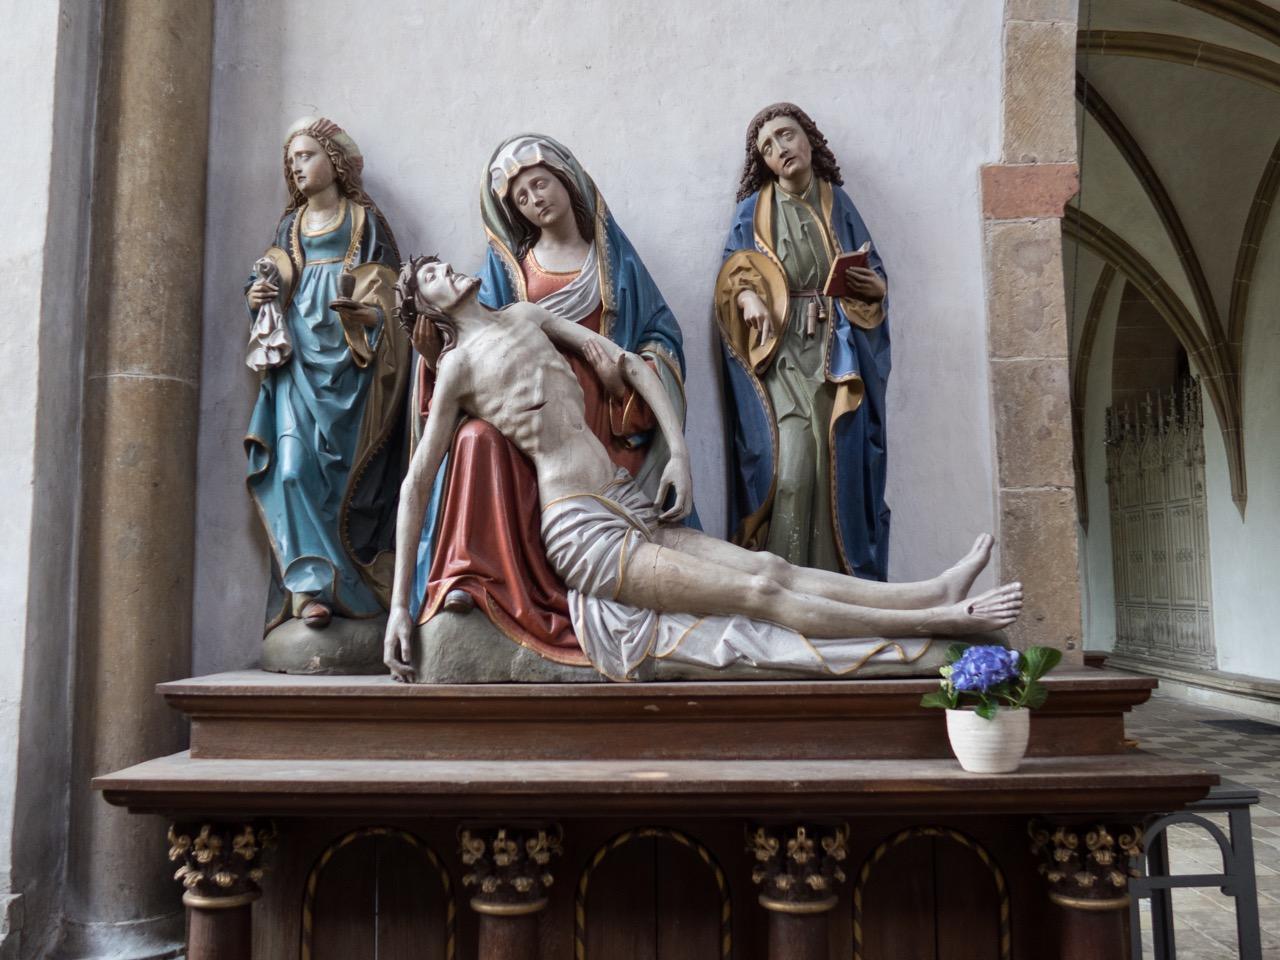 Beweinungsgruppe, 1490/1520